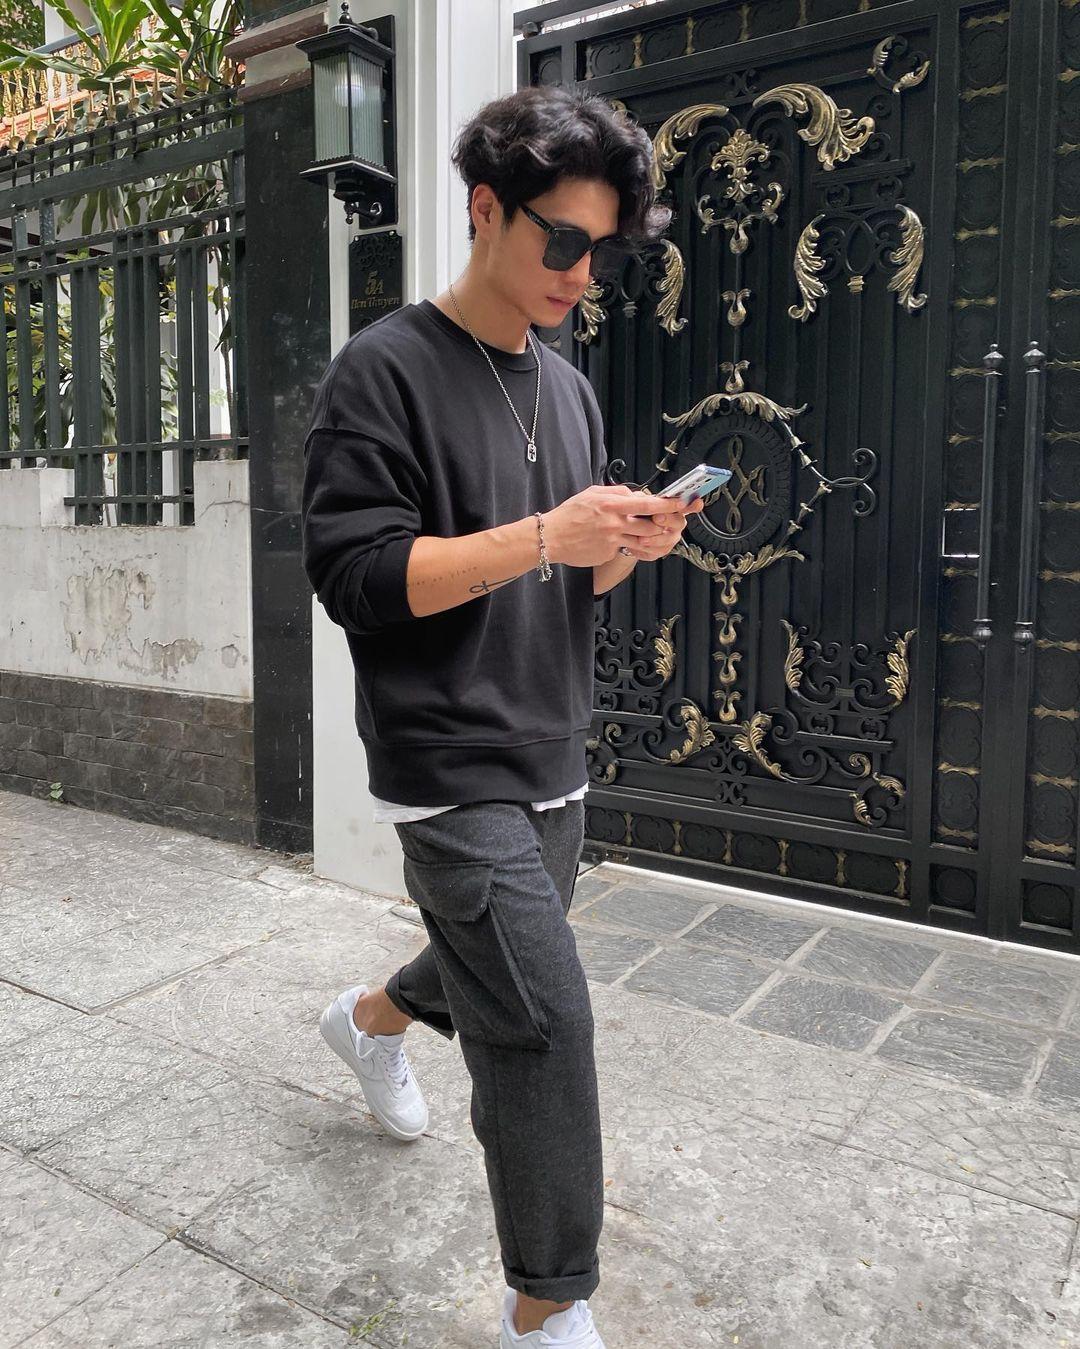 Bạn trai tin đồn của Ngô Thanh Vân lột xác thành soái ca nhờ giảm cân như thế nào? - Ảnh 8.